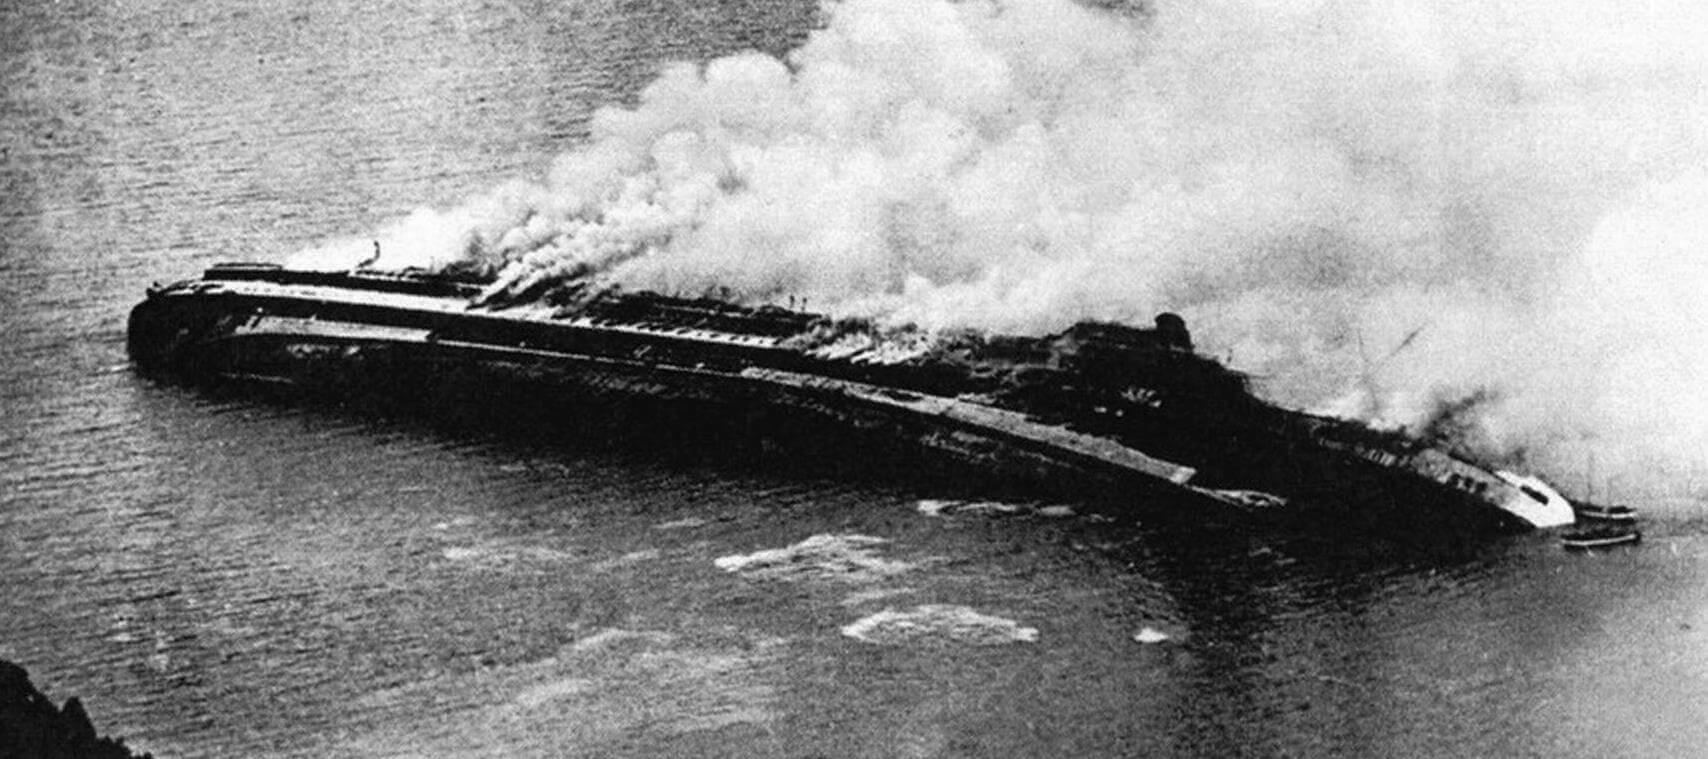 Гибель суперлайнера «Рекс». Легшее на борт судно охвачено огнем